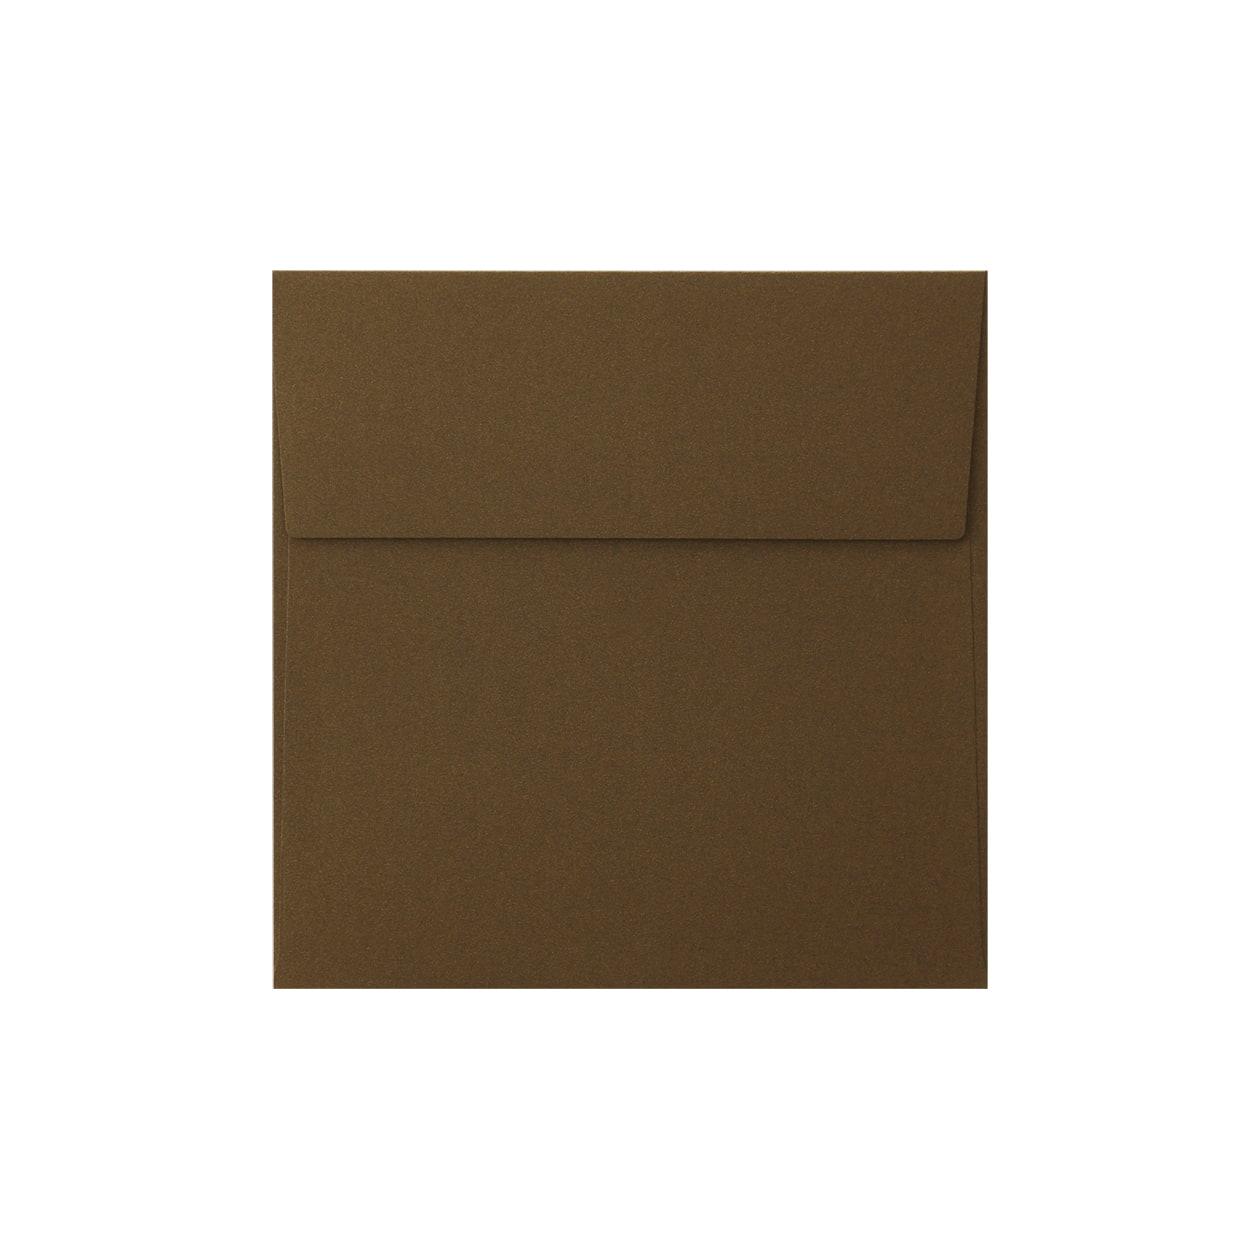 SE16カマス封筒 コットンパール チョコレート 125.3g